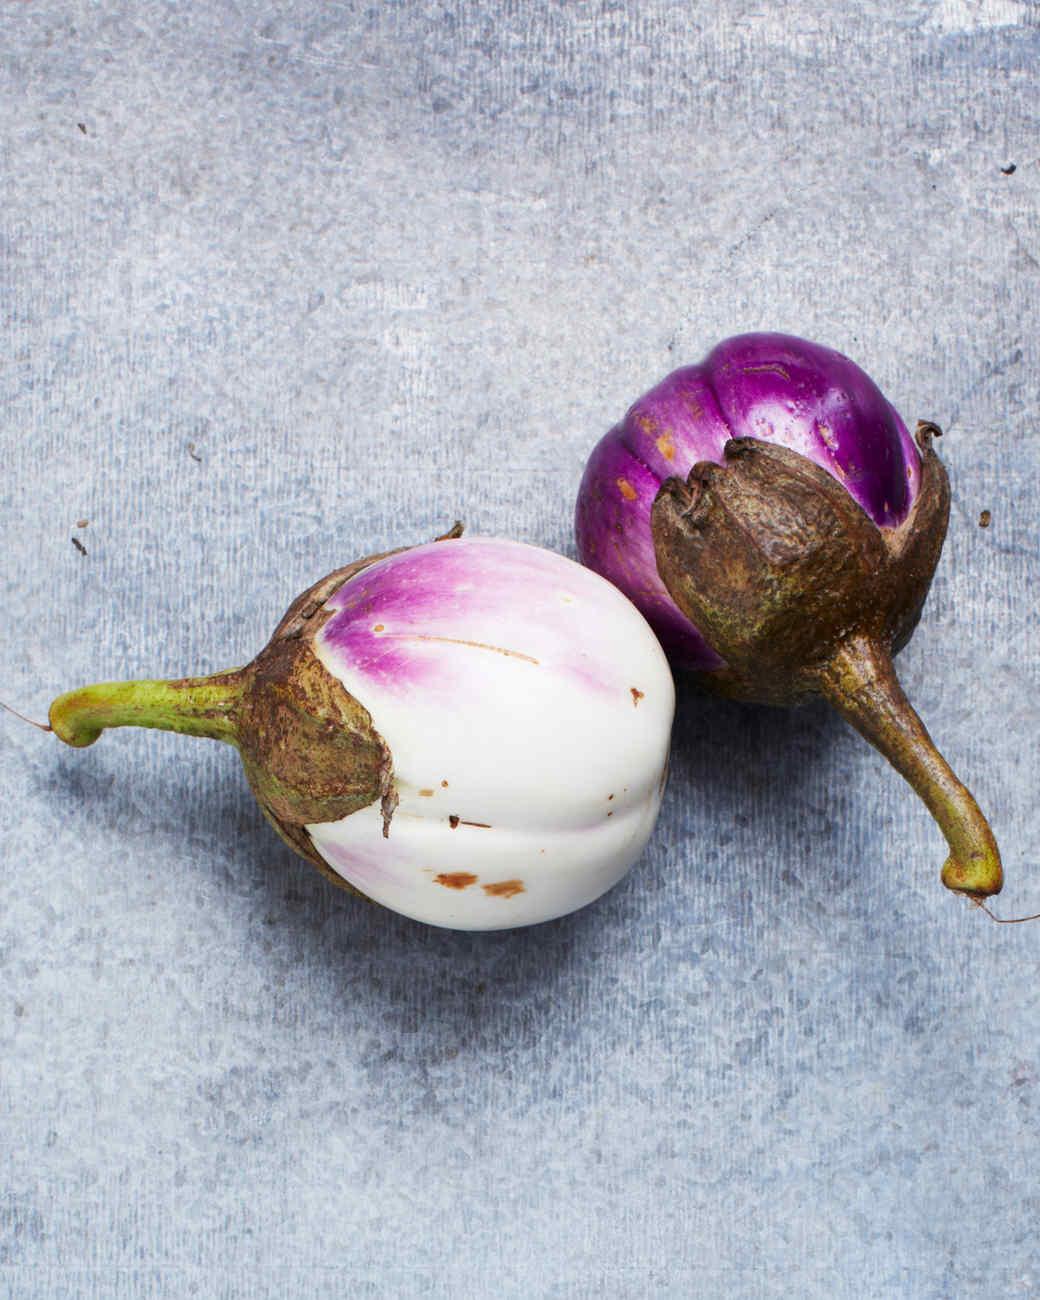 eggplant-glossary-128-d110486-0515.jpg